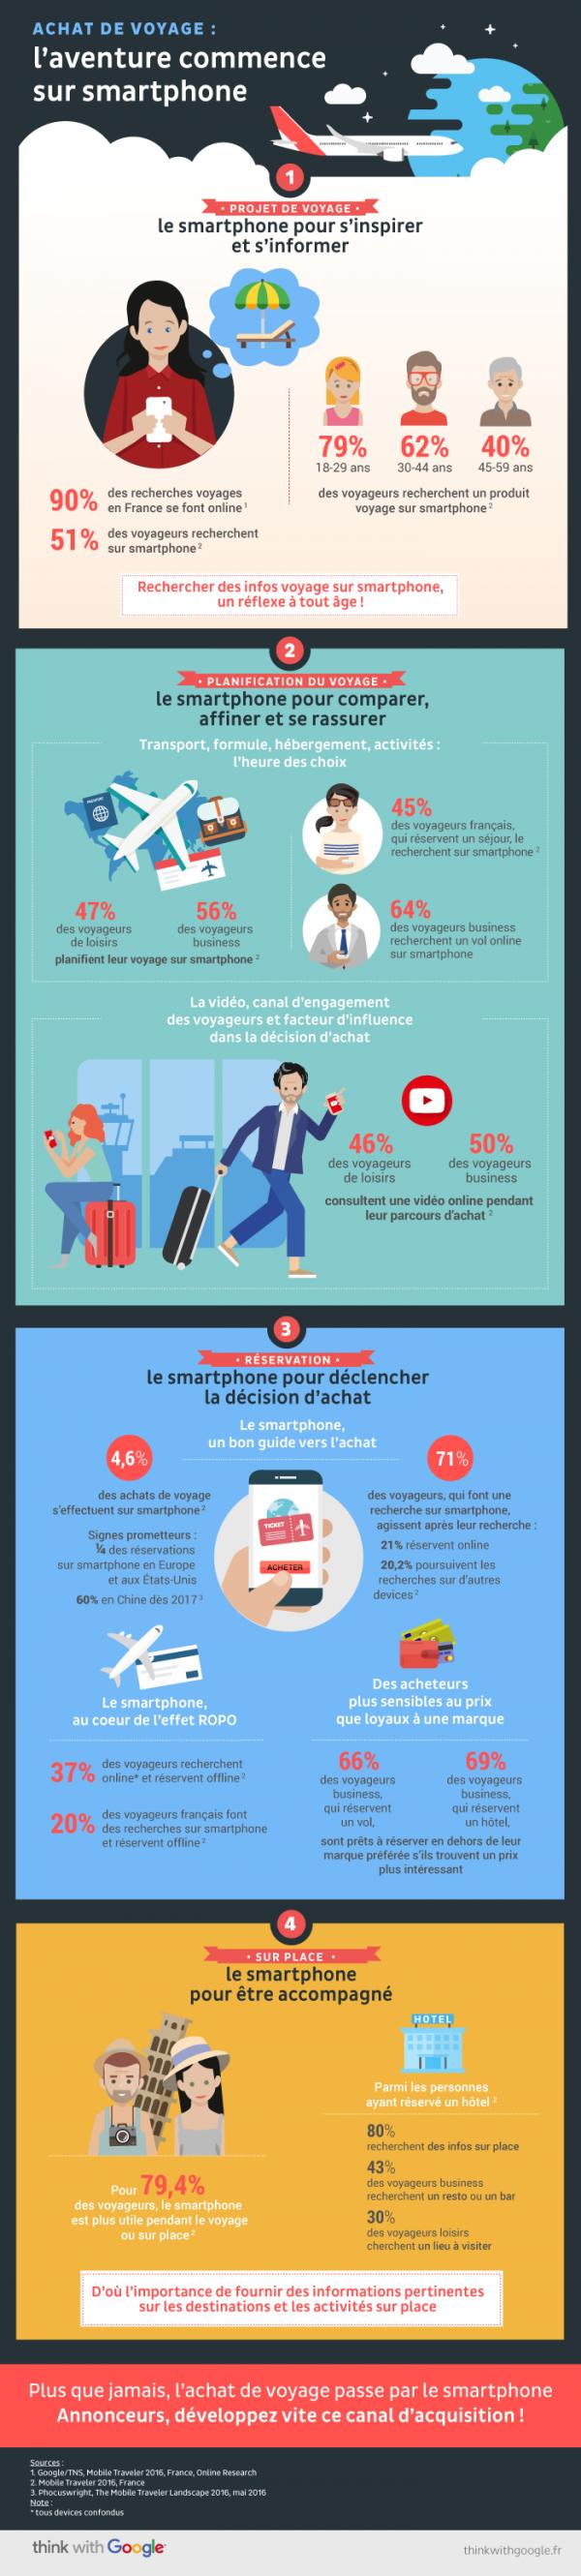 infographie_achat_de_voyage_laventure_commence_smartphone